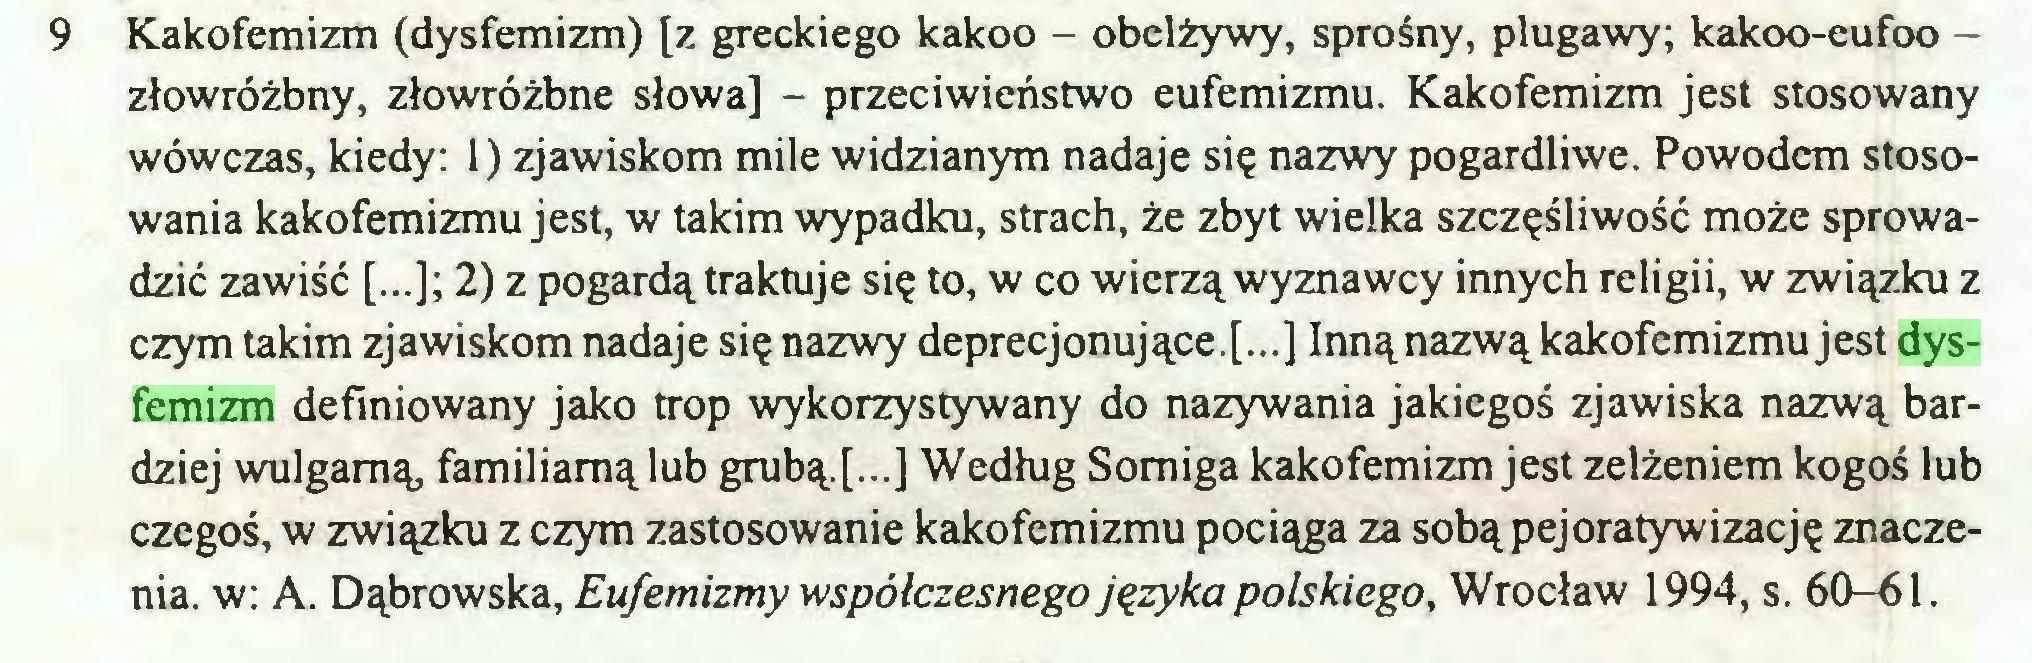 (...) 9 Kakofemizm (dysfemizm) [z greckiego kakoo - obelżywy, sprośny, plugawy; kakoo-eufoo złowróżbny, złowróżbne słowa] - przeciwieństwo eufemizmu. Kakofemizm jest stosowany wówczas, kiedy: 1) zjawiskom mile widzianym nadaje się nazwy pogardliwe. Powodem stosowania kakofemizmu jest, w takim wypadku, strach, że zbyt wielka szczęśliwość może sprowadzić zawiść [...]; 2) z pogardą traktuje się to, w co wierzą wyznawcy innych religii, w związku z czym takim zjawiskom nadaje się nazwy deprecjonujące.[...] Innąnazwą kakofemizmu jest dysfemizm definiowany jako trop wykorzystywany do nazywania jakiegoś zjawiska nazwą bardziej wulgarną, familiarną lub grubą.f..] Według Somiga kakofemizm jest zelżeniem kogoś lub czegoś, w związku z czym zastosowanie kakofemizmu pociąga za sobąpejoratywizację znaczenia. w: A. Dąbrowska, Eufemizmy współczesnego języka polskiego, Wrocław 1994, s. 60-61...